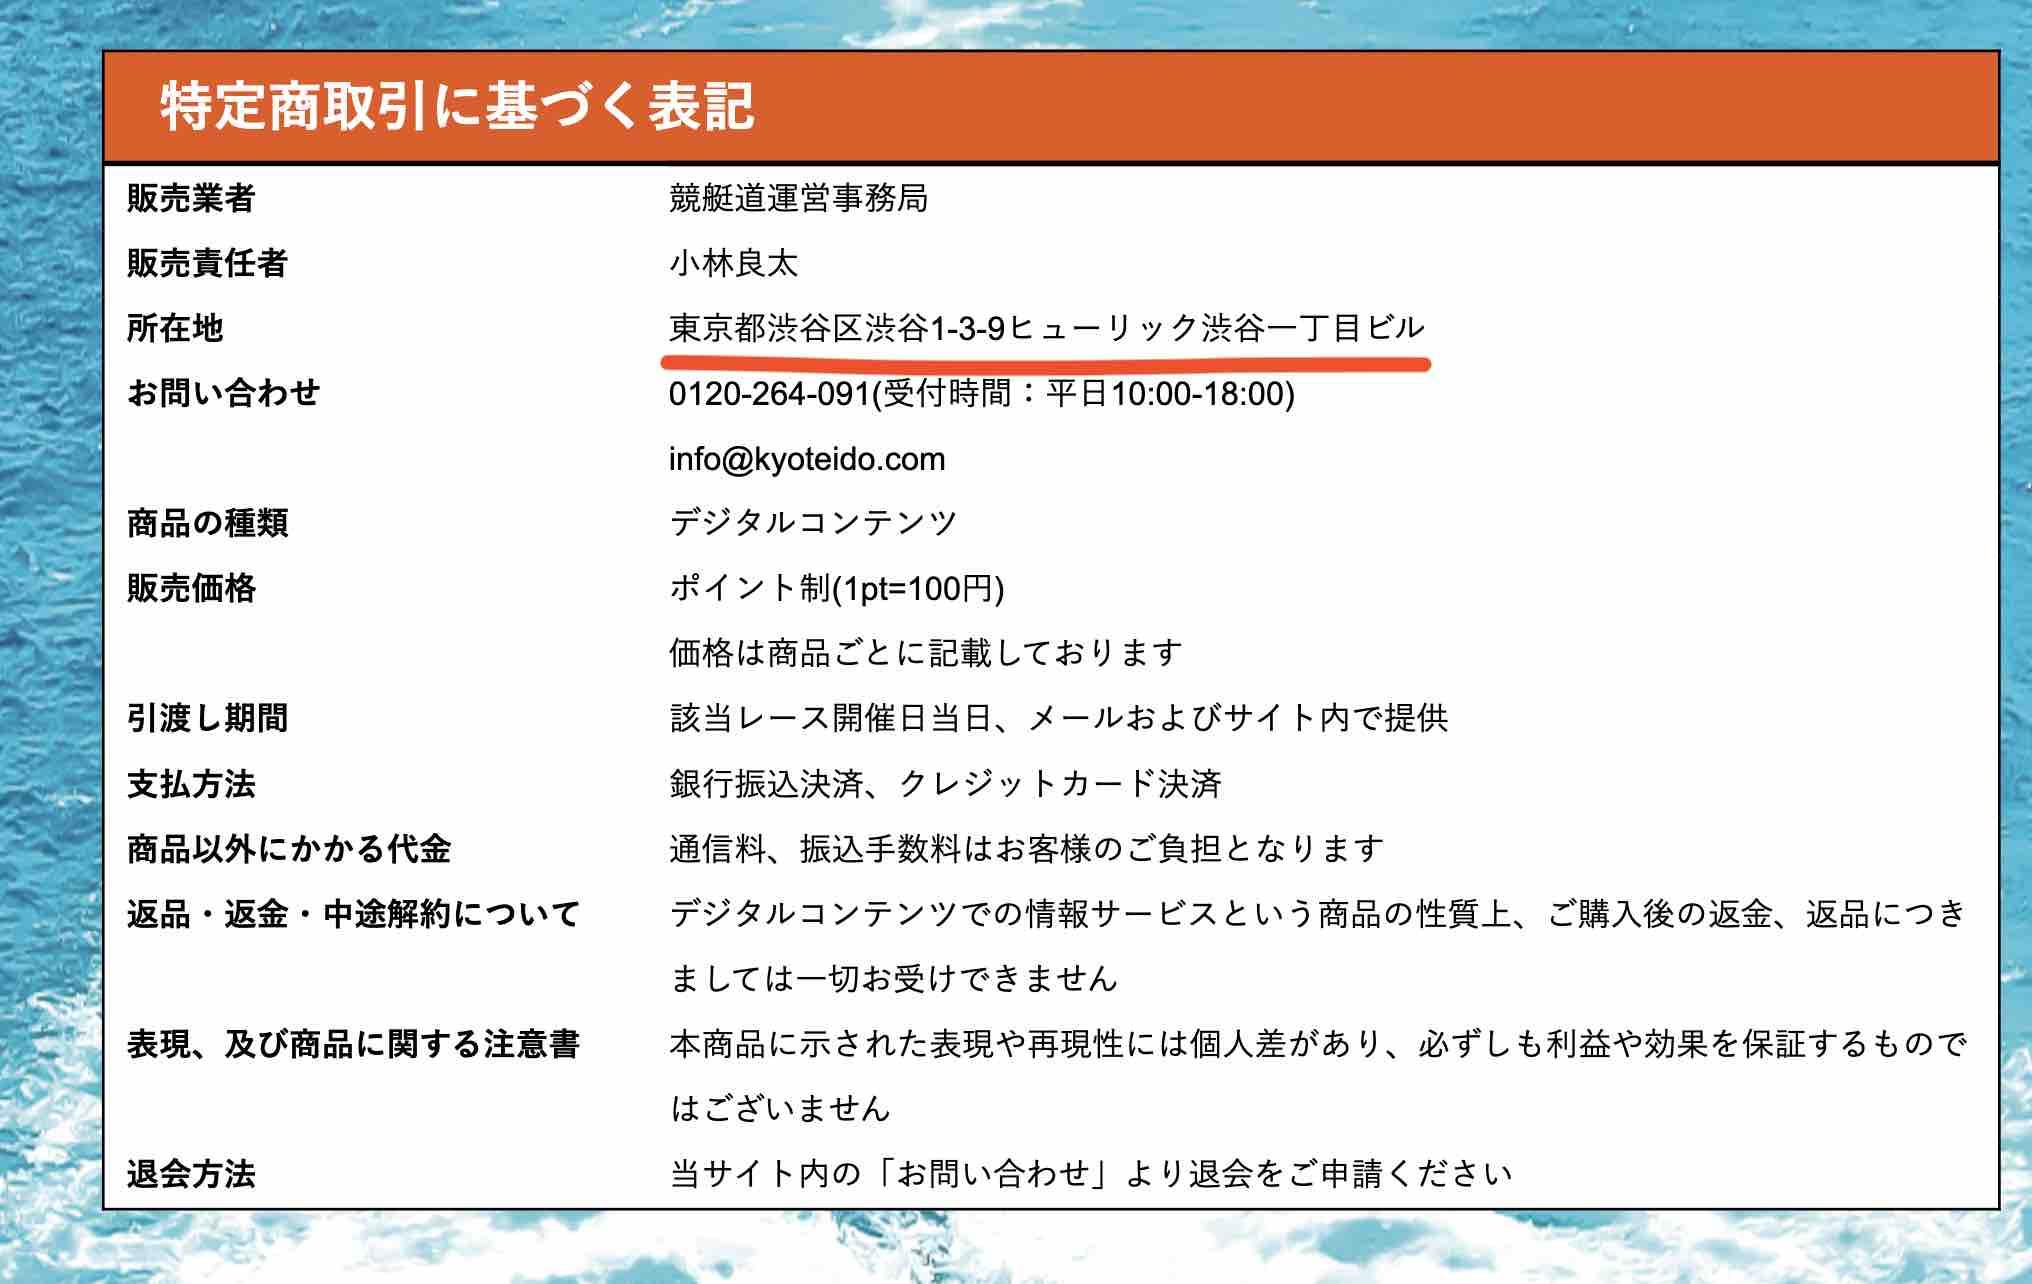 競艇道という競艇予想サイトの特定商に基づく表記